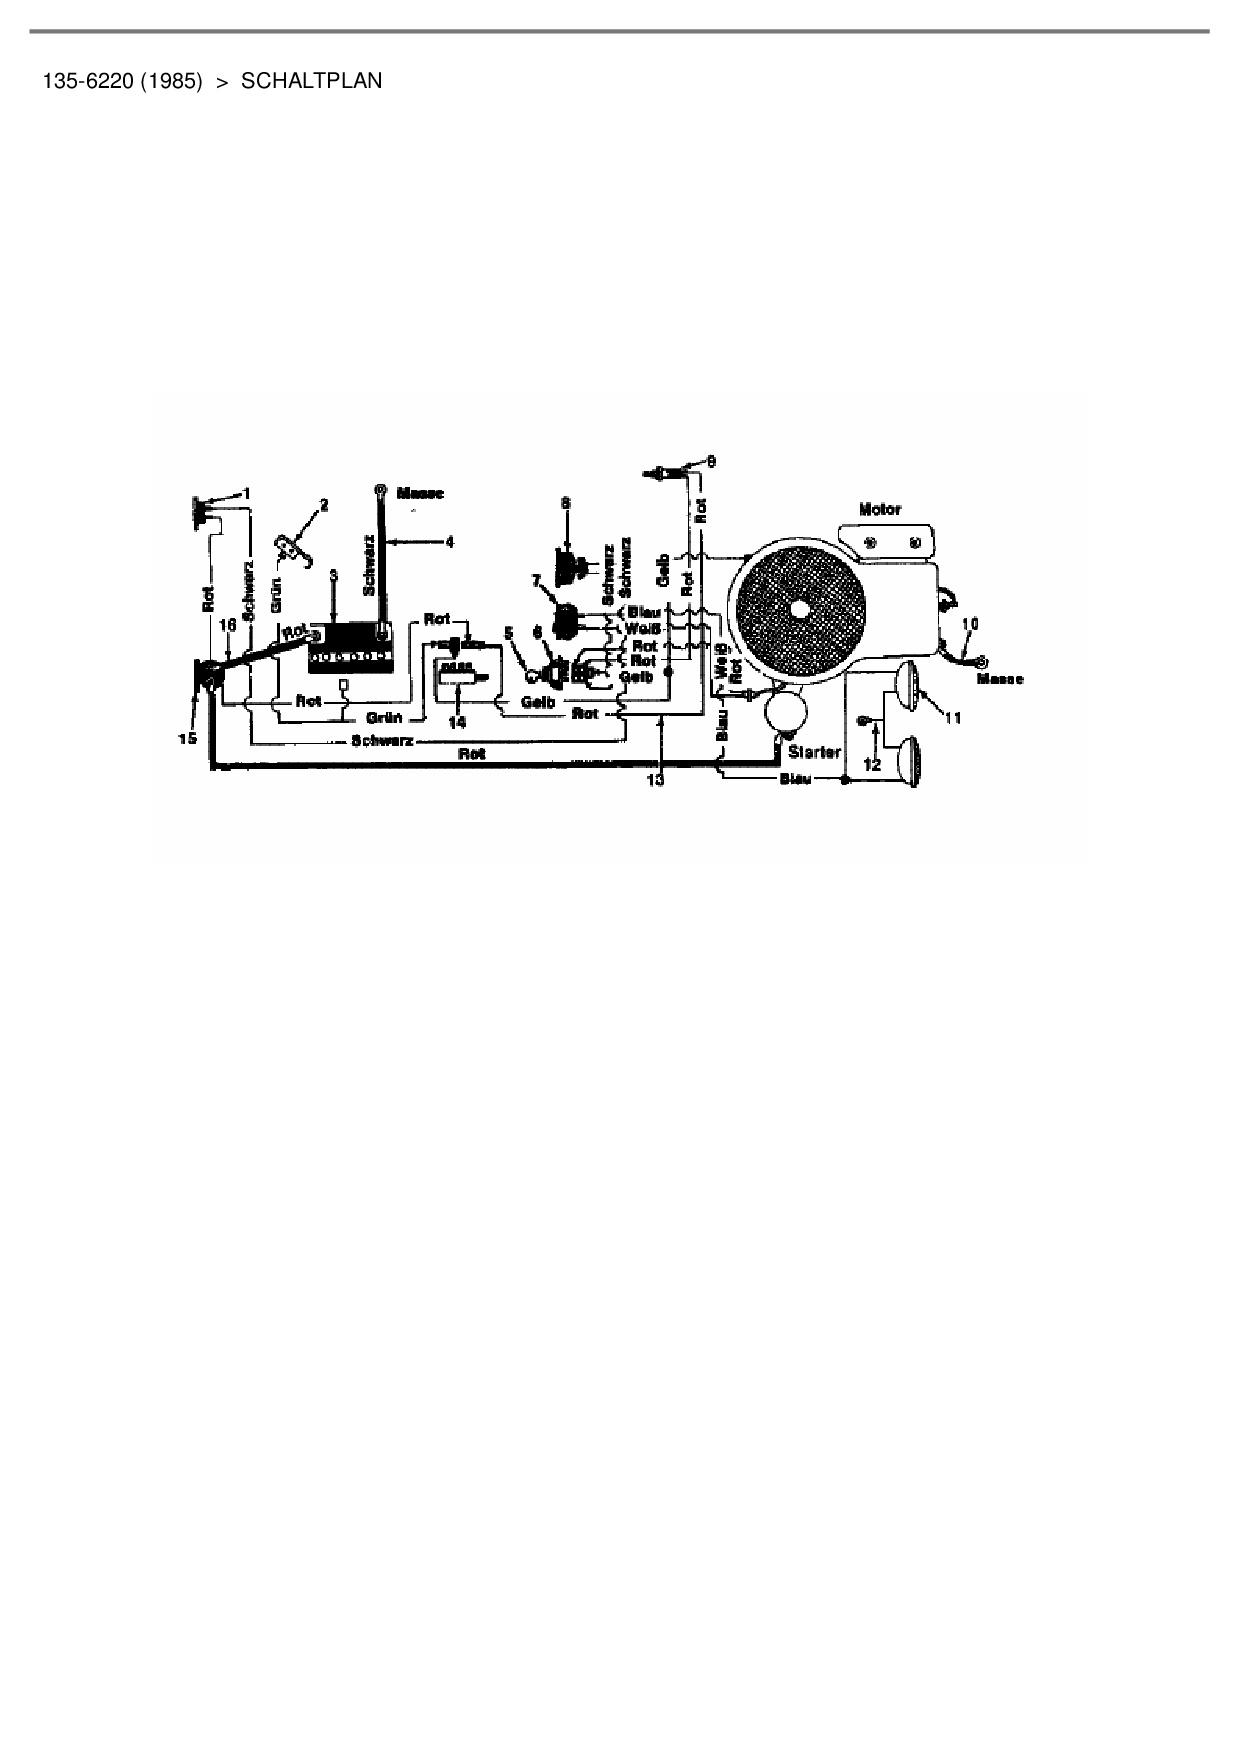 Ausgezeichnet Vdo Amperemeter Schaltpläne Fotos - Schaltplan Serie ...